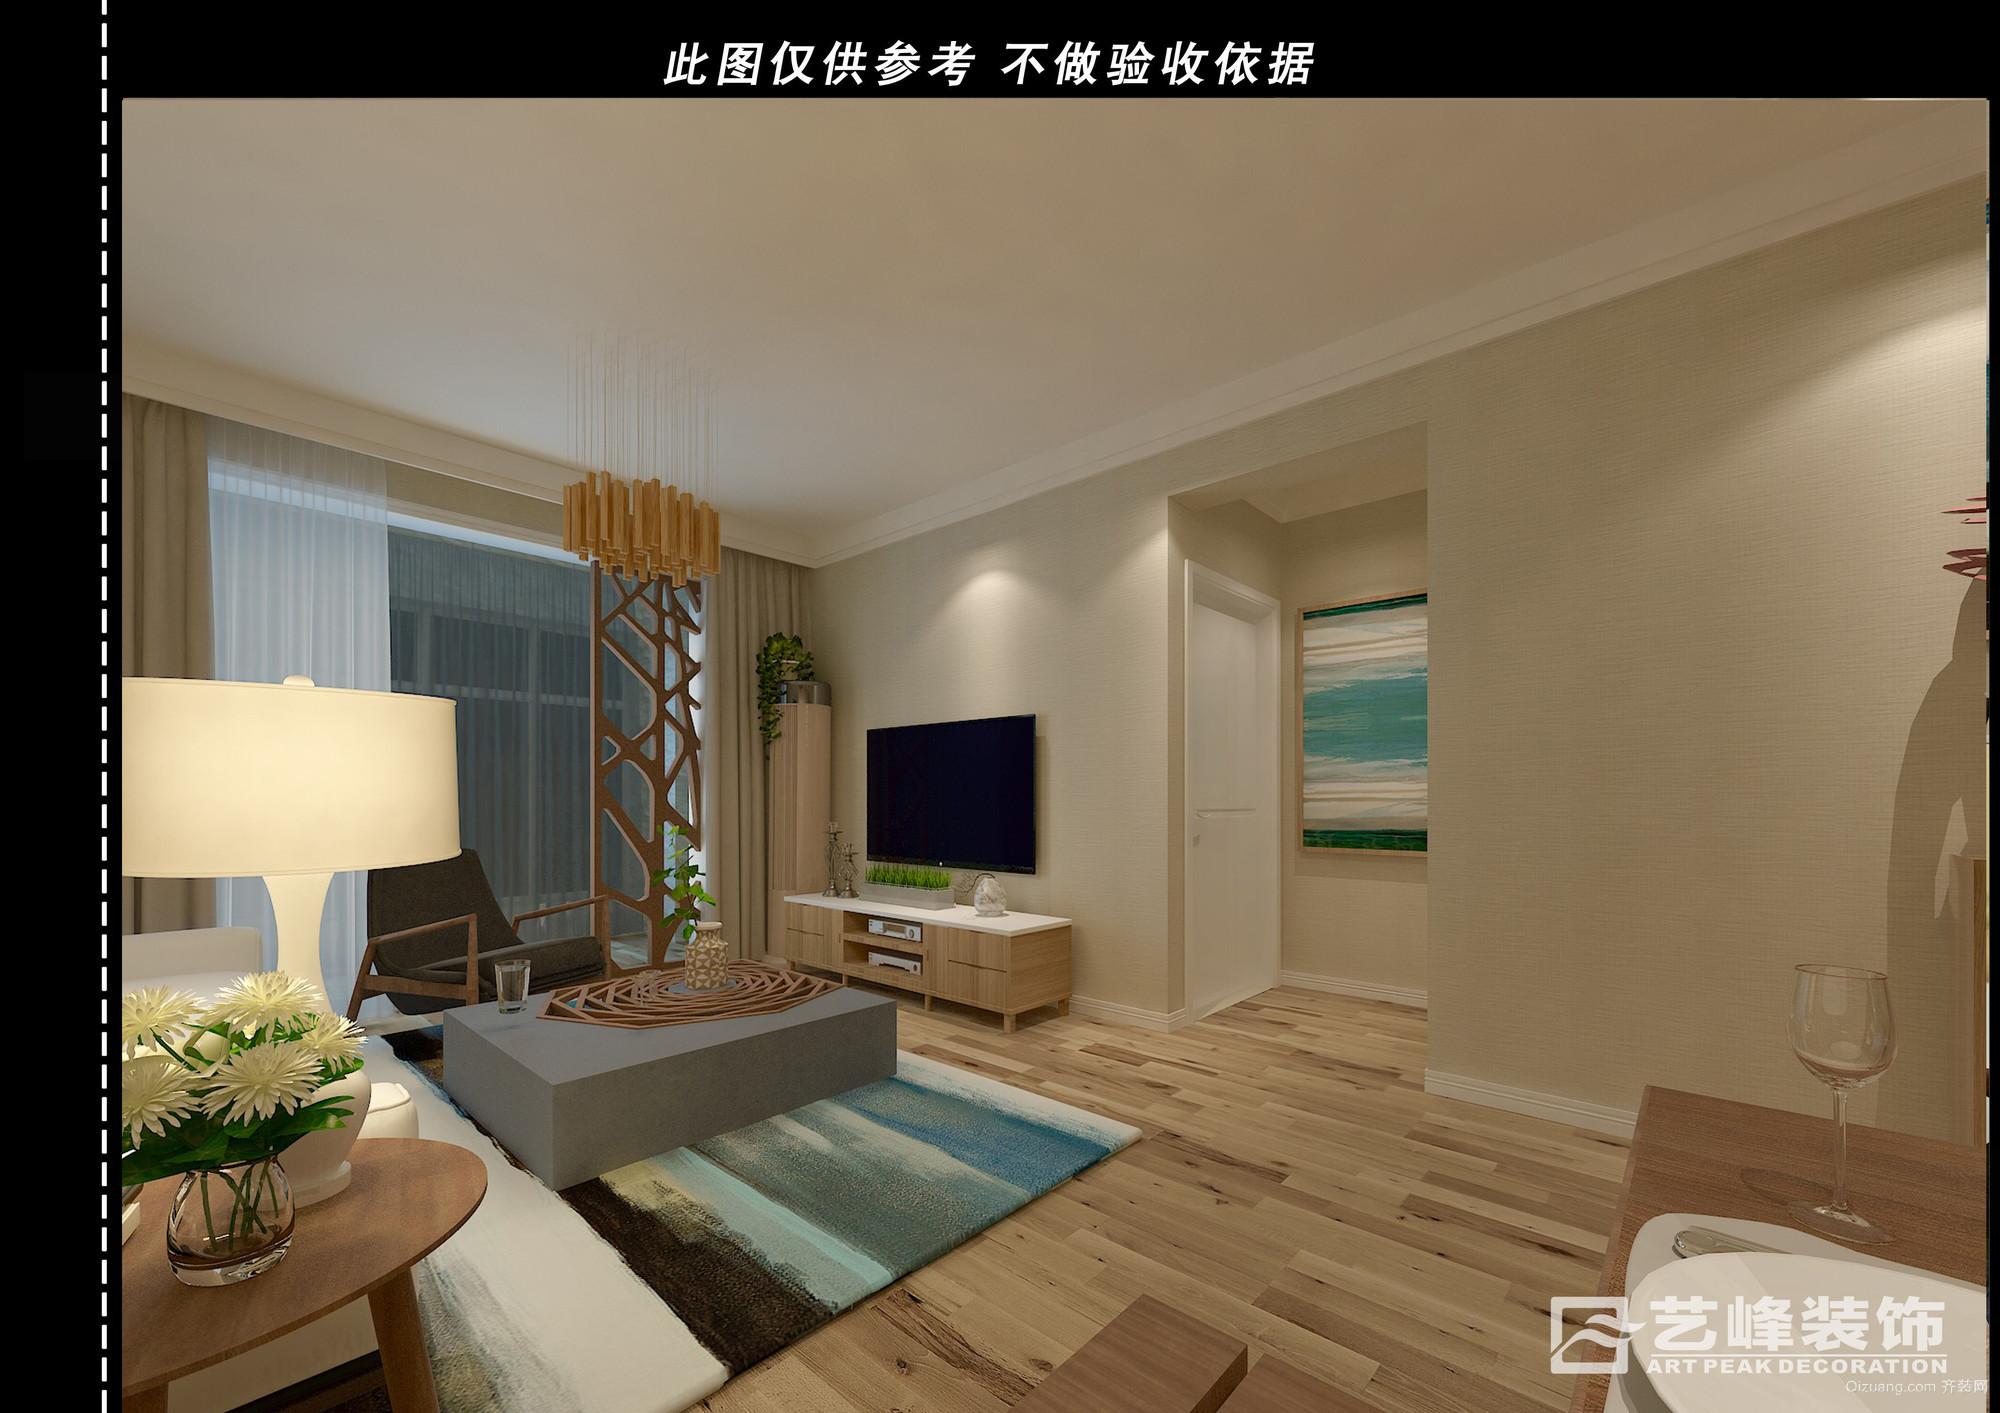 安居东城现代简约装修效果图实景图